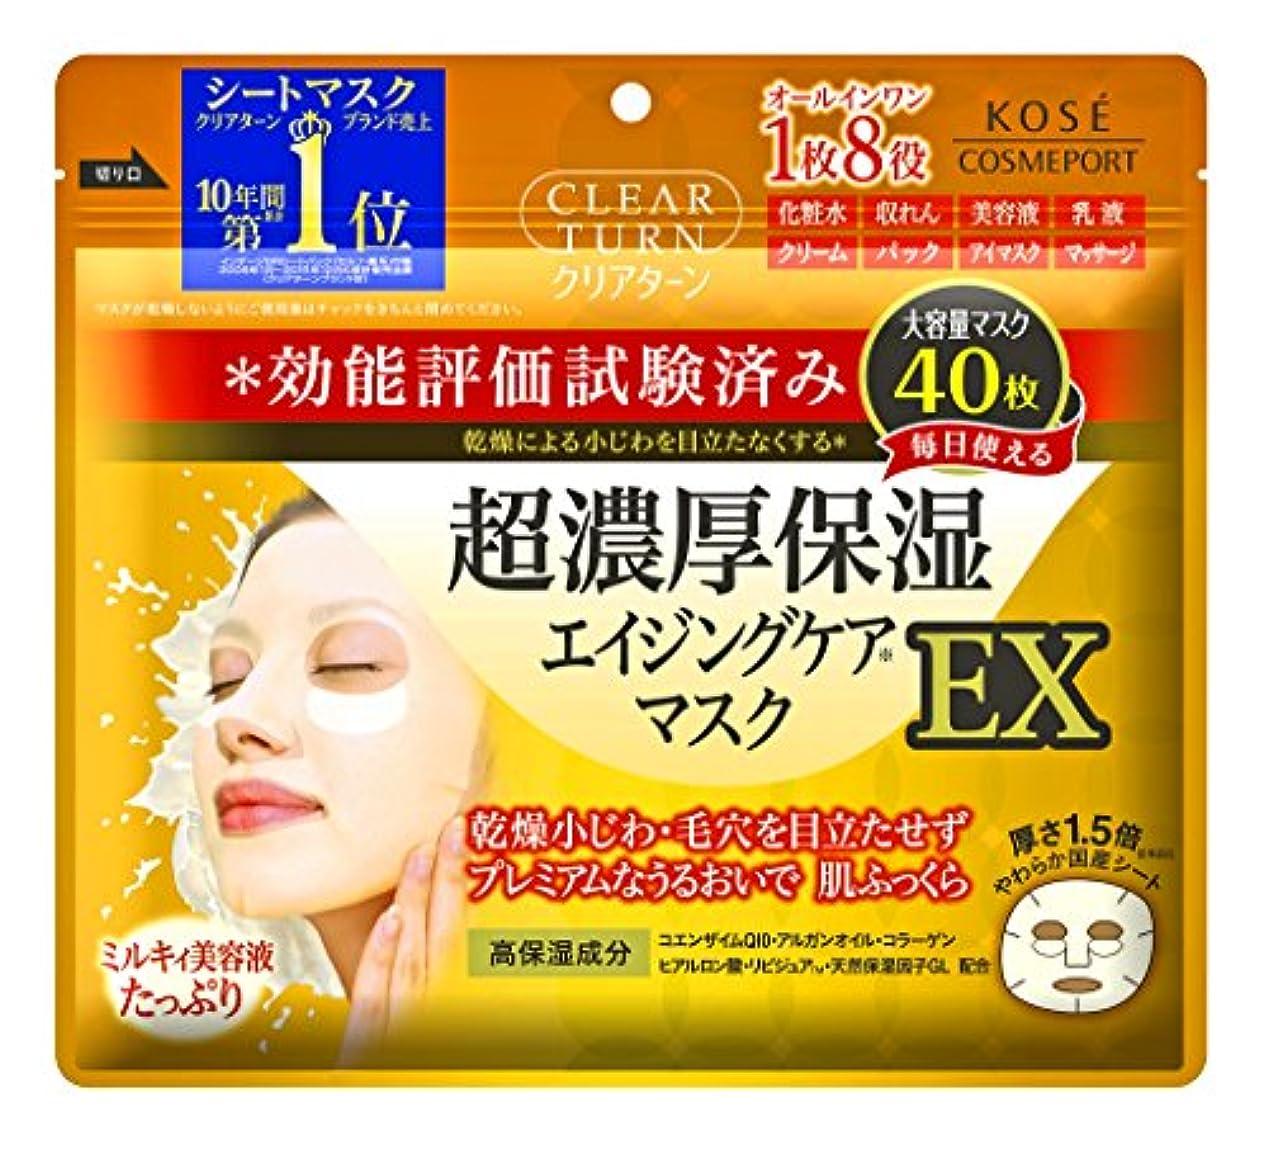 インフレーション上院議員ボードKOSE コーセー クリアターン 超濃厚 保湿 マスク EX フェイスマスク 単品 40枚